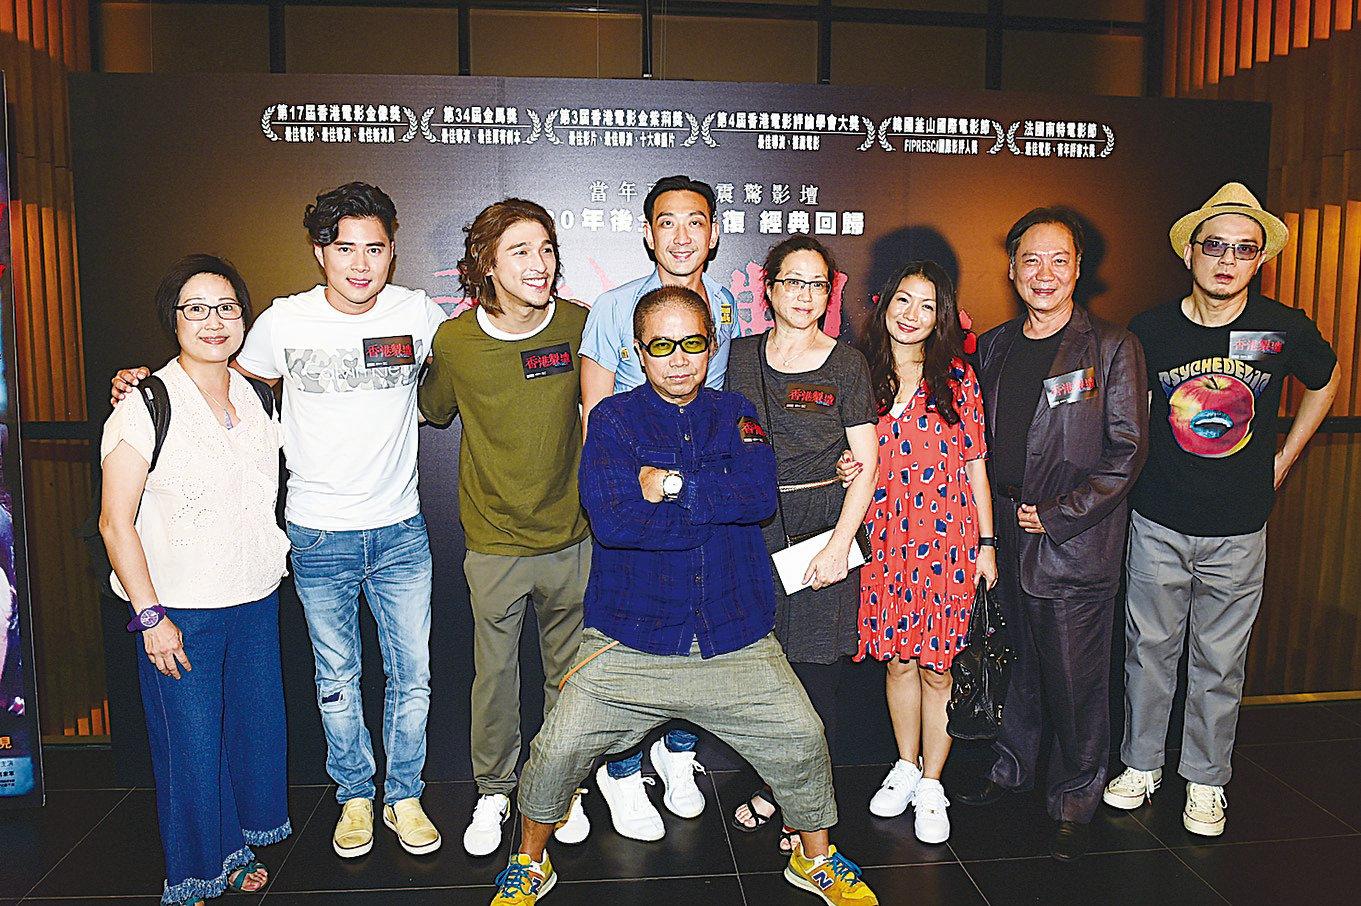 《香港製造》4K修復經典重現,吸引黃耀明、王宗堯、游學修、Shine、前港姐吳海昕(Sofiee)等名人嘉賓前來觀看。(經紀公司提供)